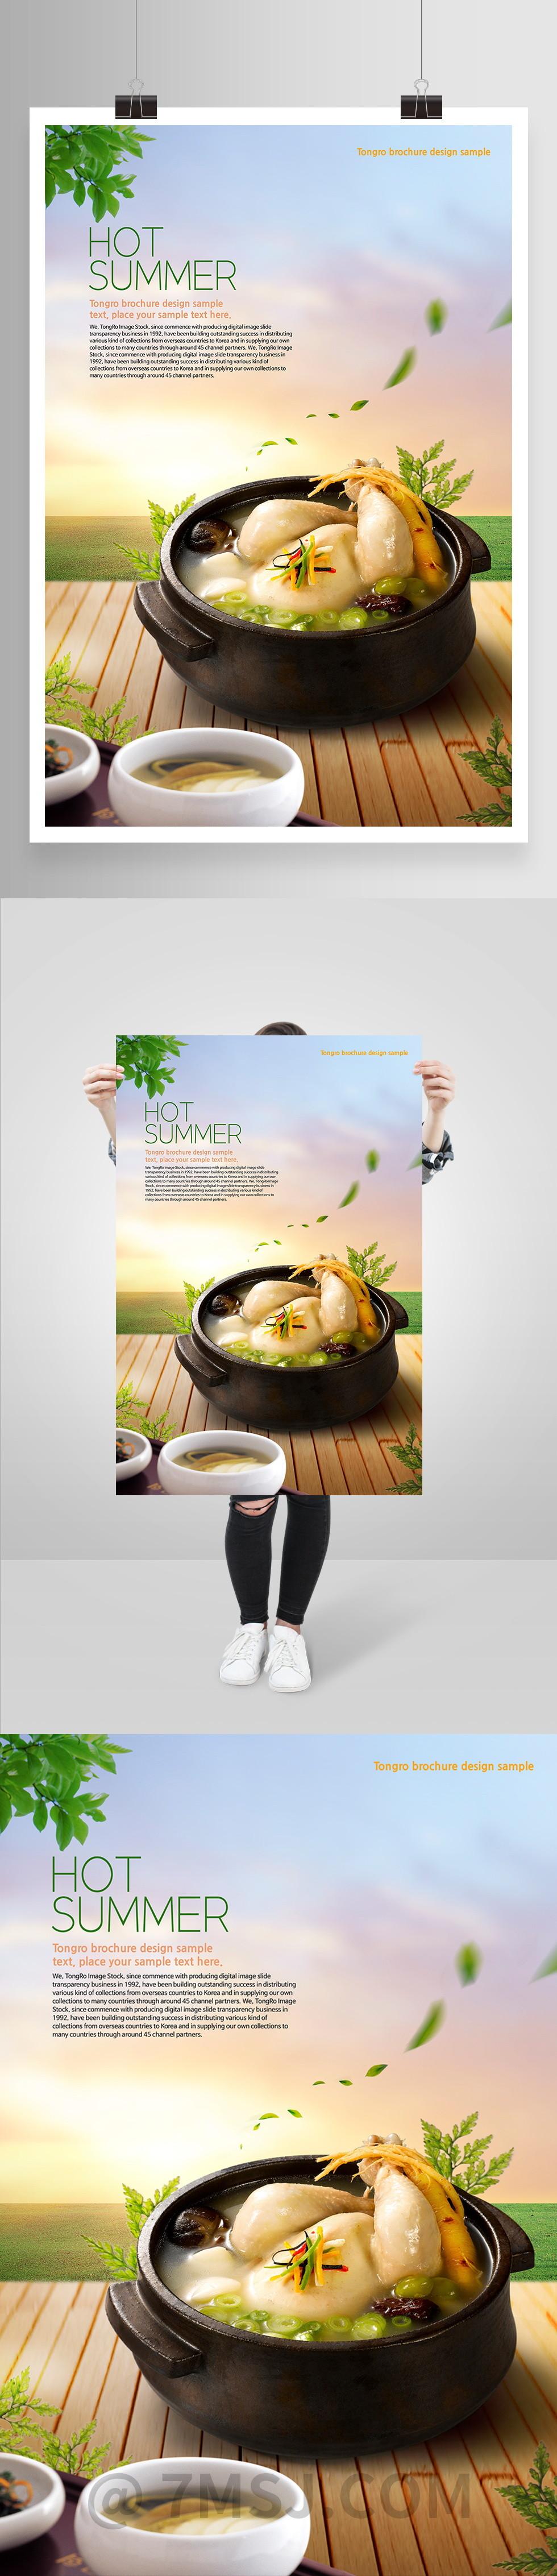 夏天餐饮美食冷面鸡汤石锅拌饭面条海报psd设计素材源文件